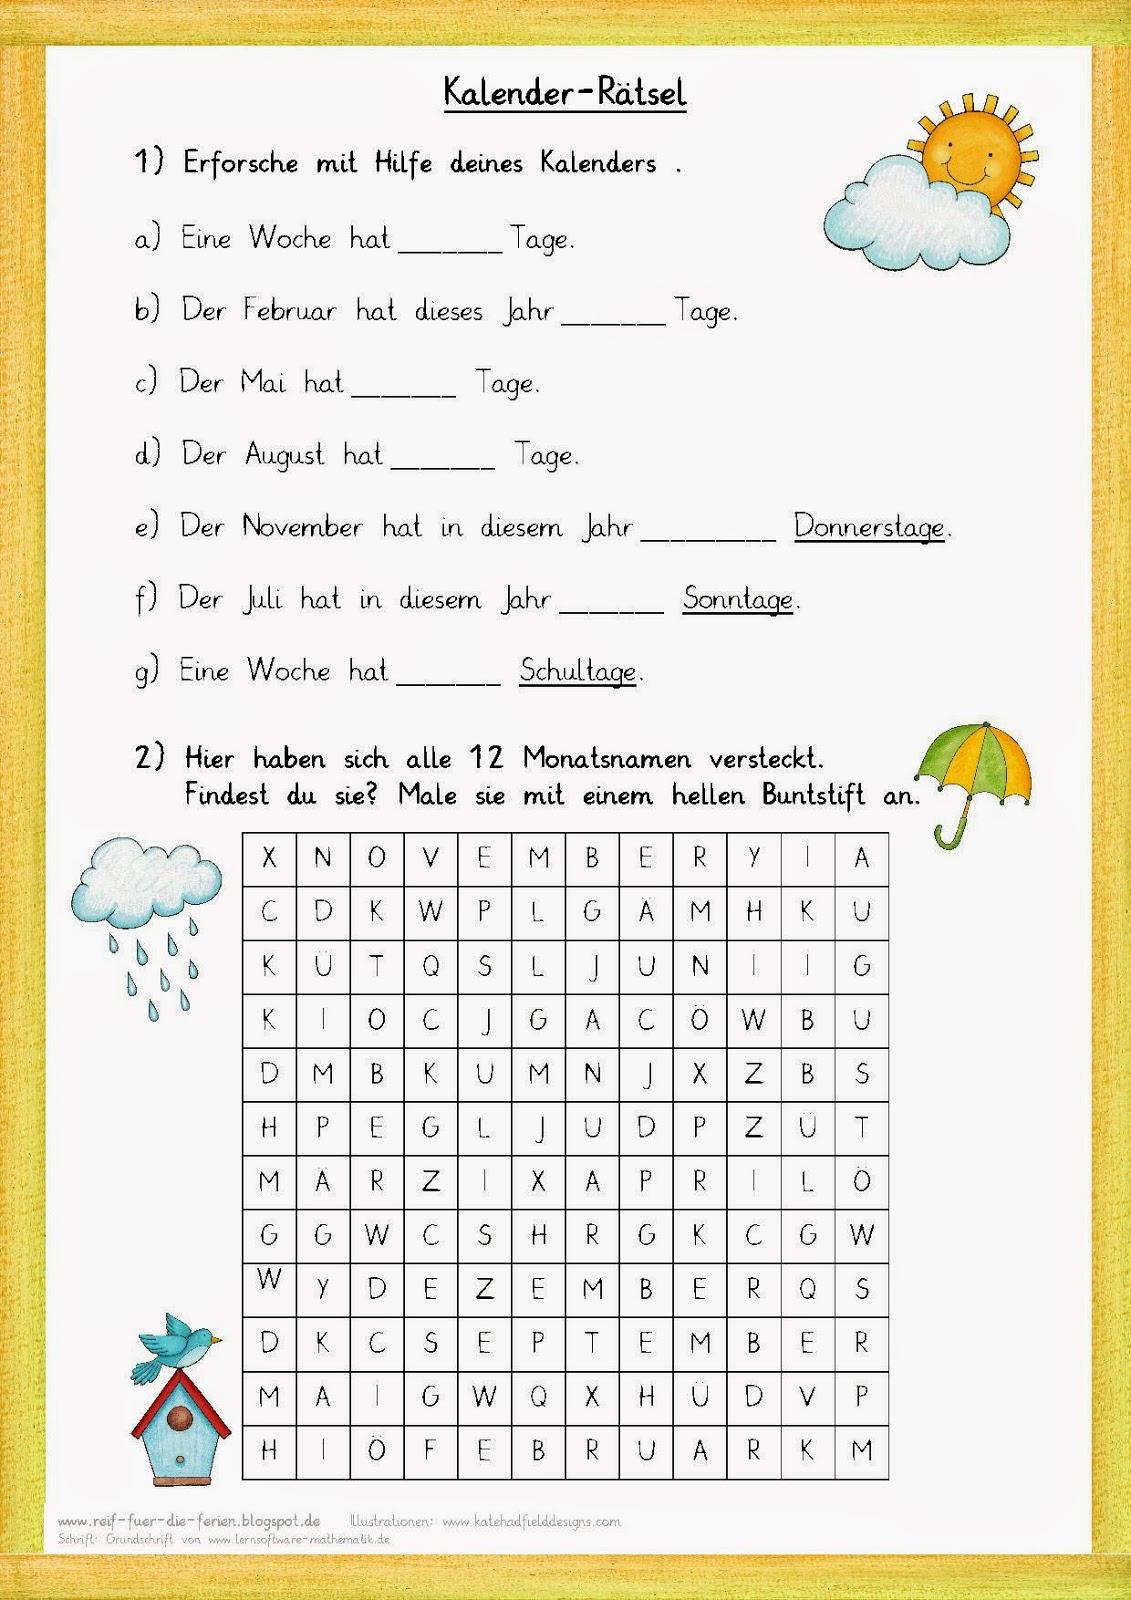 Reif Für Die Ferien: Kalender-Rätsel Zum Jahr ganzes Rätselfragen Kinder